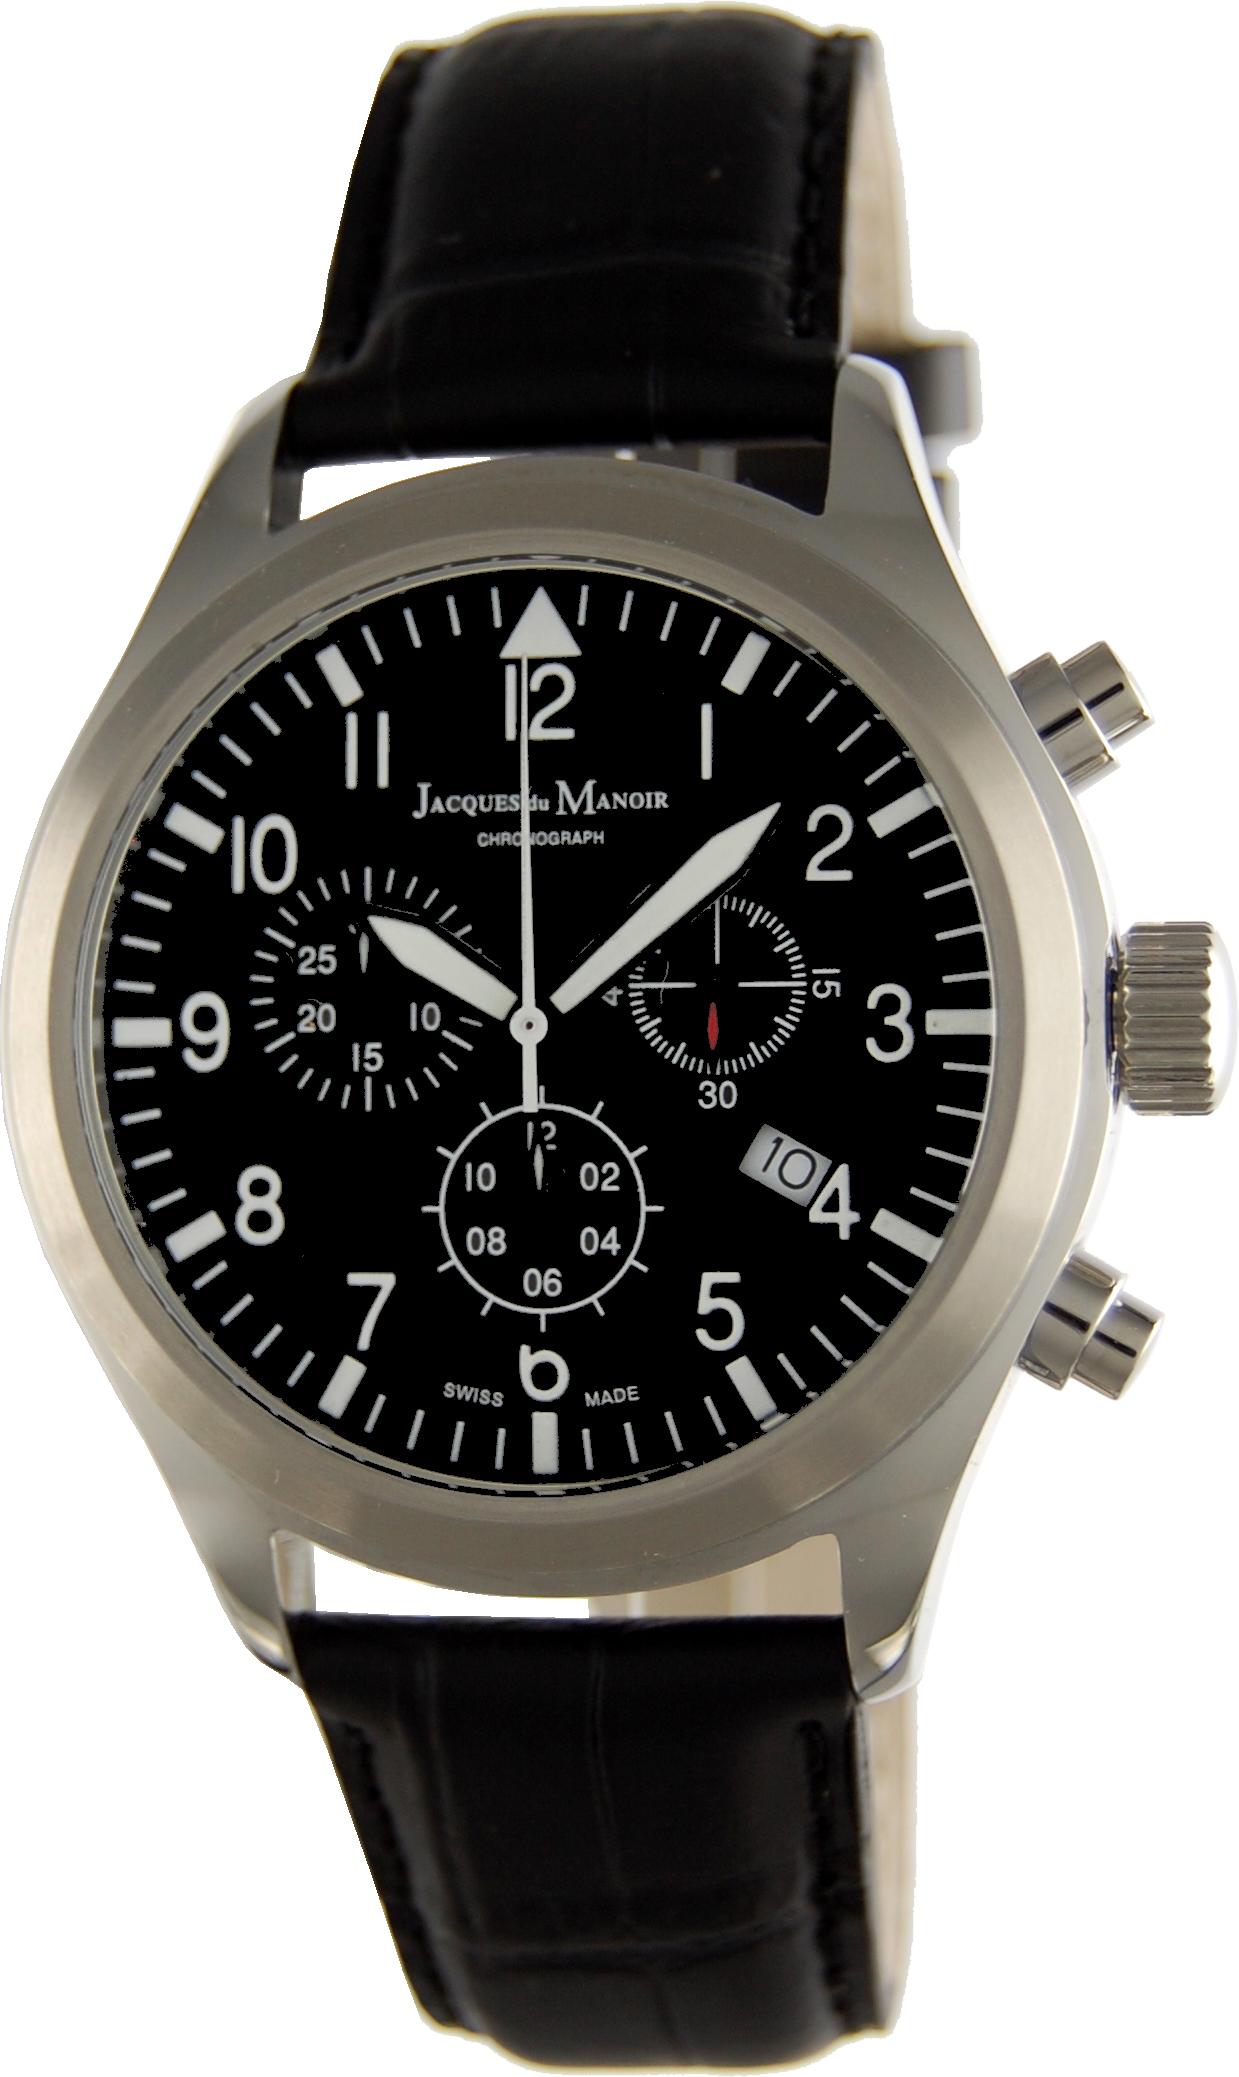 Наручные часы мужские Jacques du Manoir, цвет: серебристый, черный. CHR.20CHR.20Swiss Made, кварцевый механизм с хронографом, диаметр корпуса 44 mm, IP-покрытие, закаленное минеральное стекло, водозащита 5 ATM, ремешок из натуральной кожи.